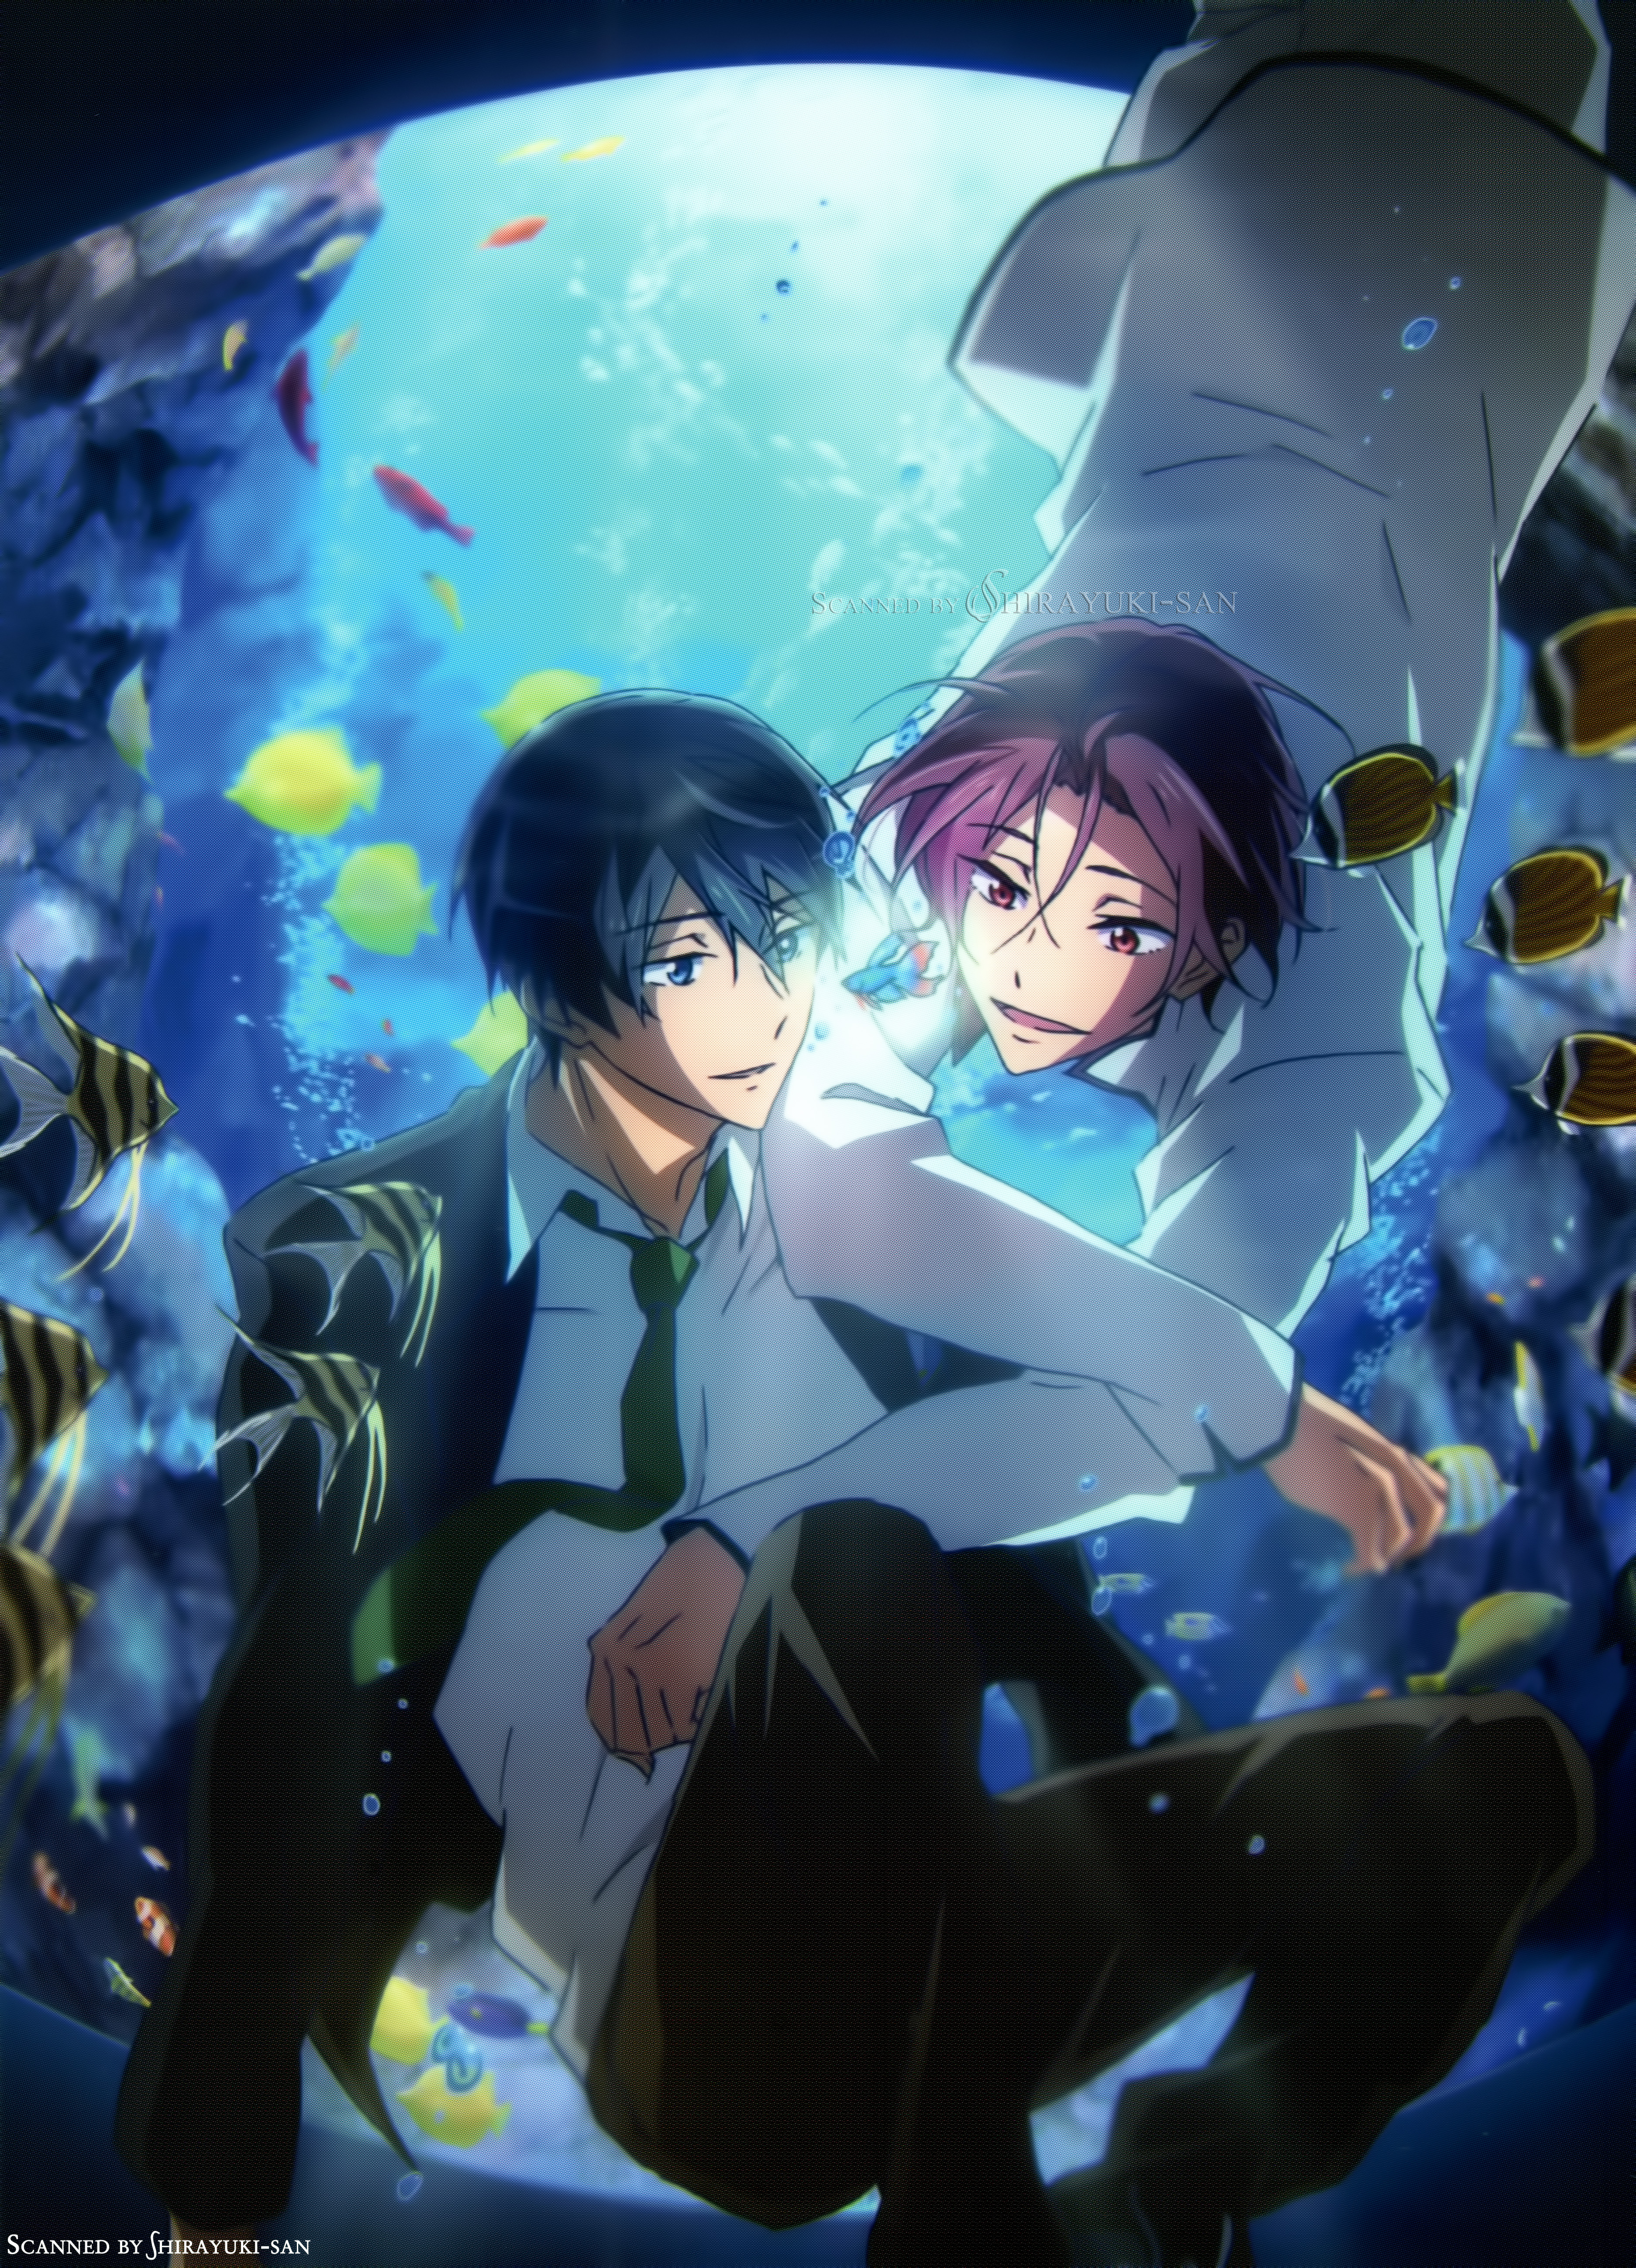 Free Haruka Nanase Free Rin Matsuoka Minitokyo Dive to the future episode 1. 2